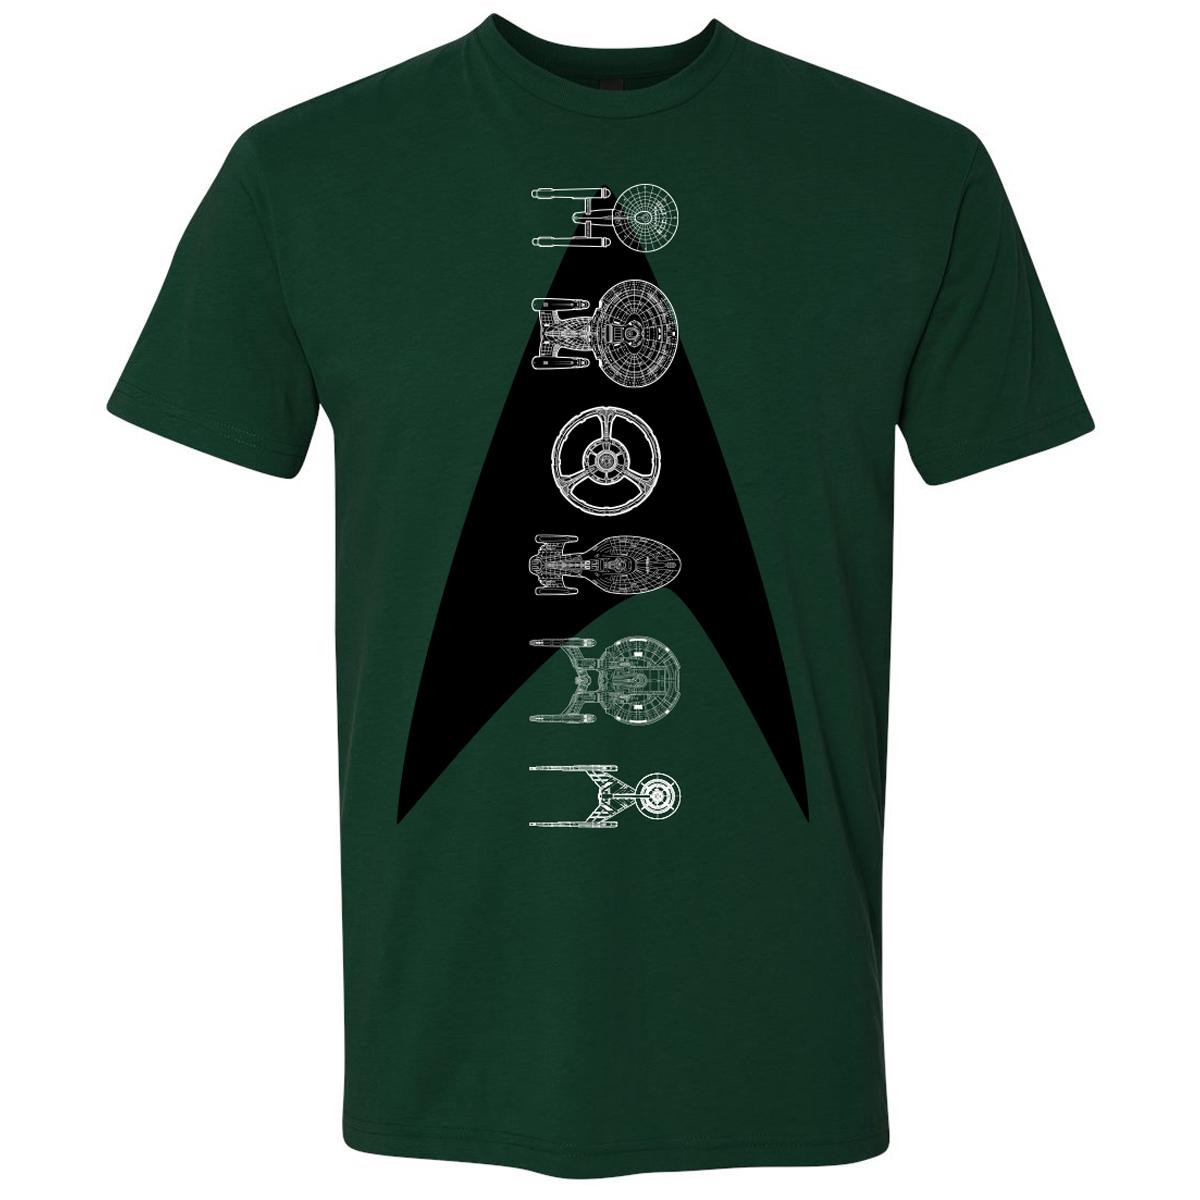 Star Trek Ships of the Line T-Shirt